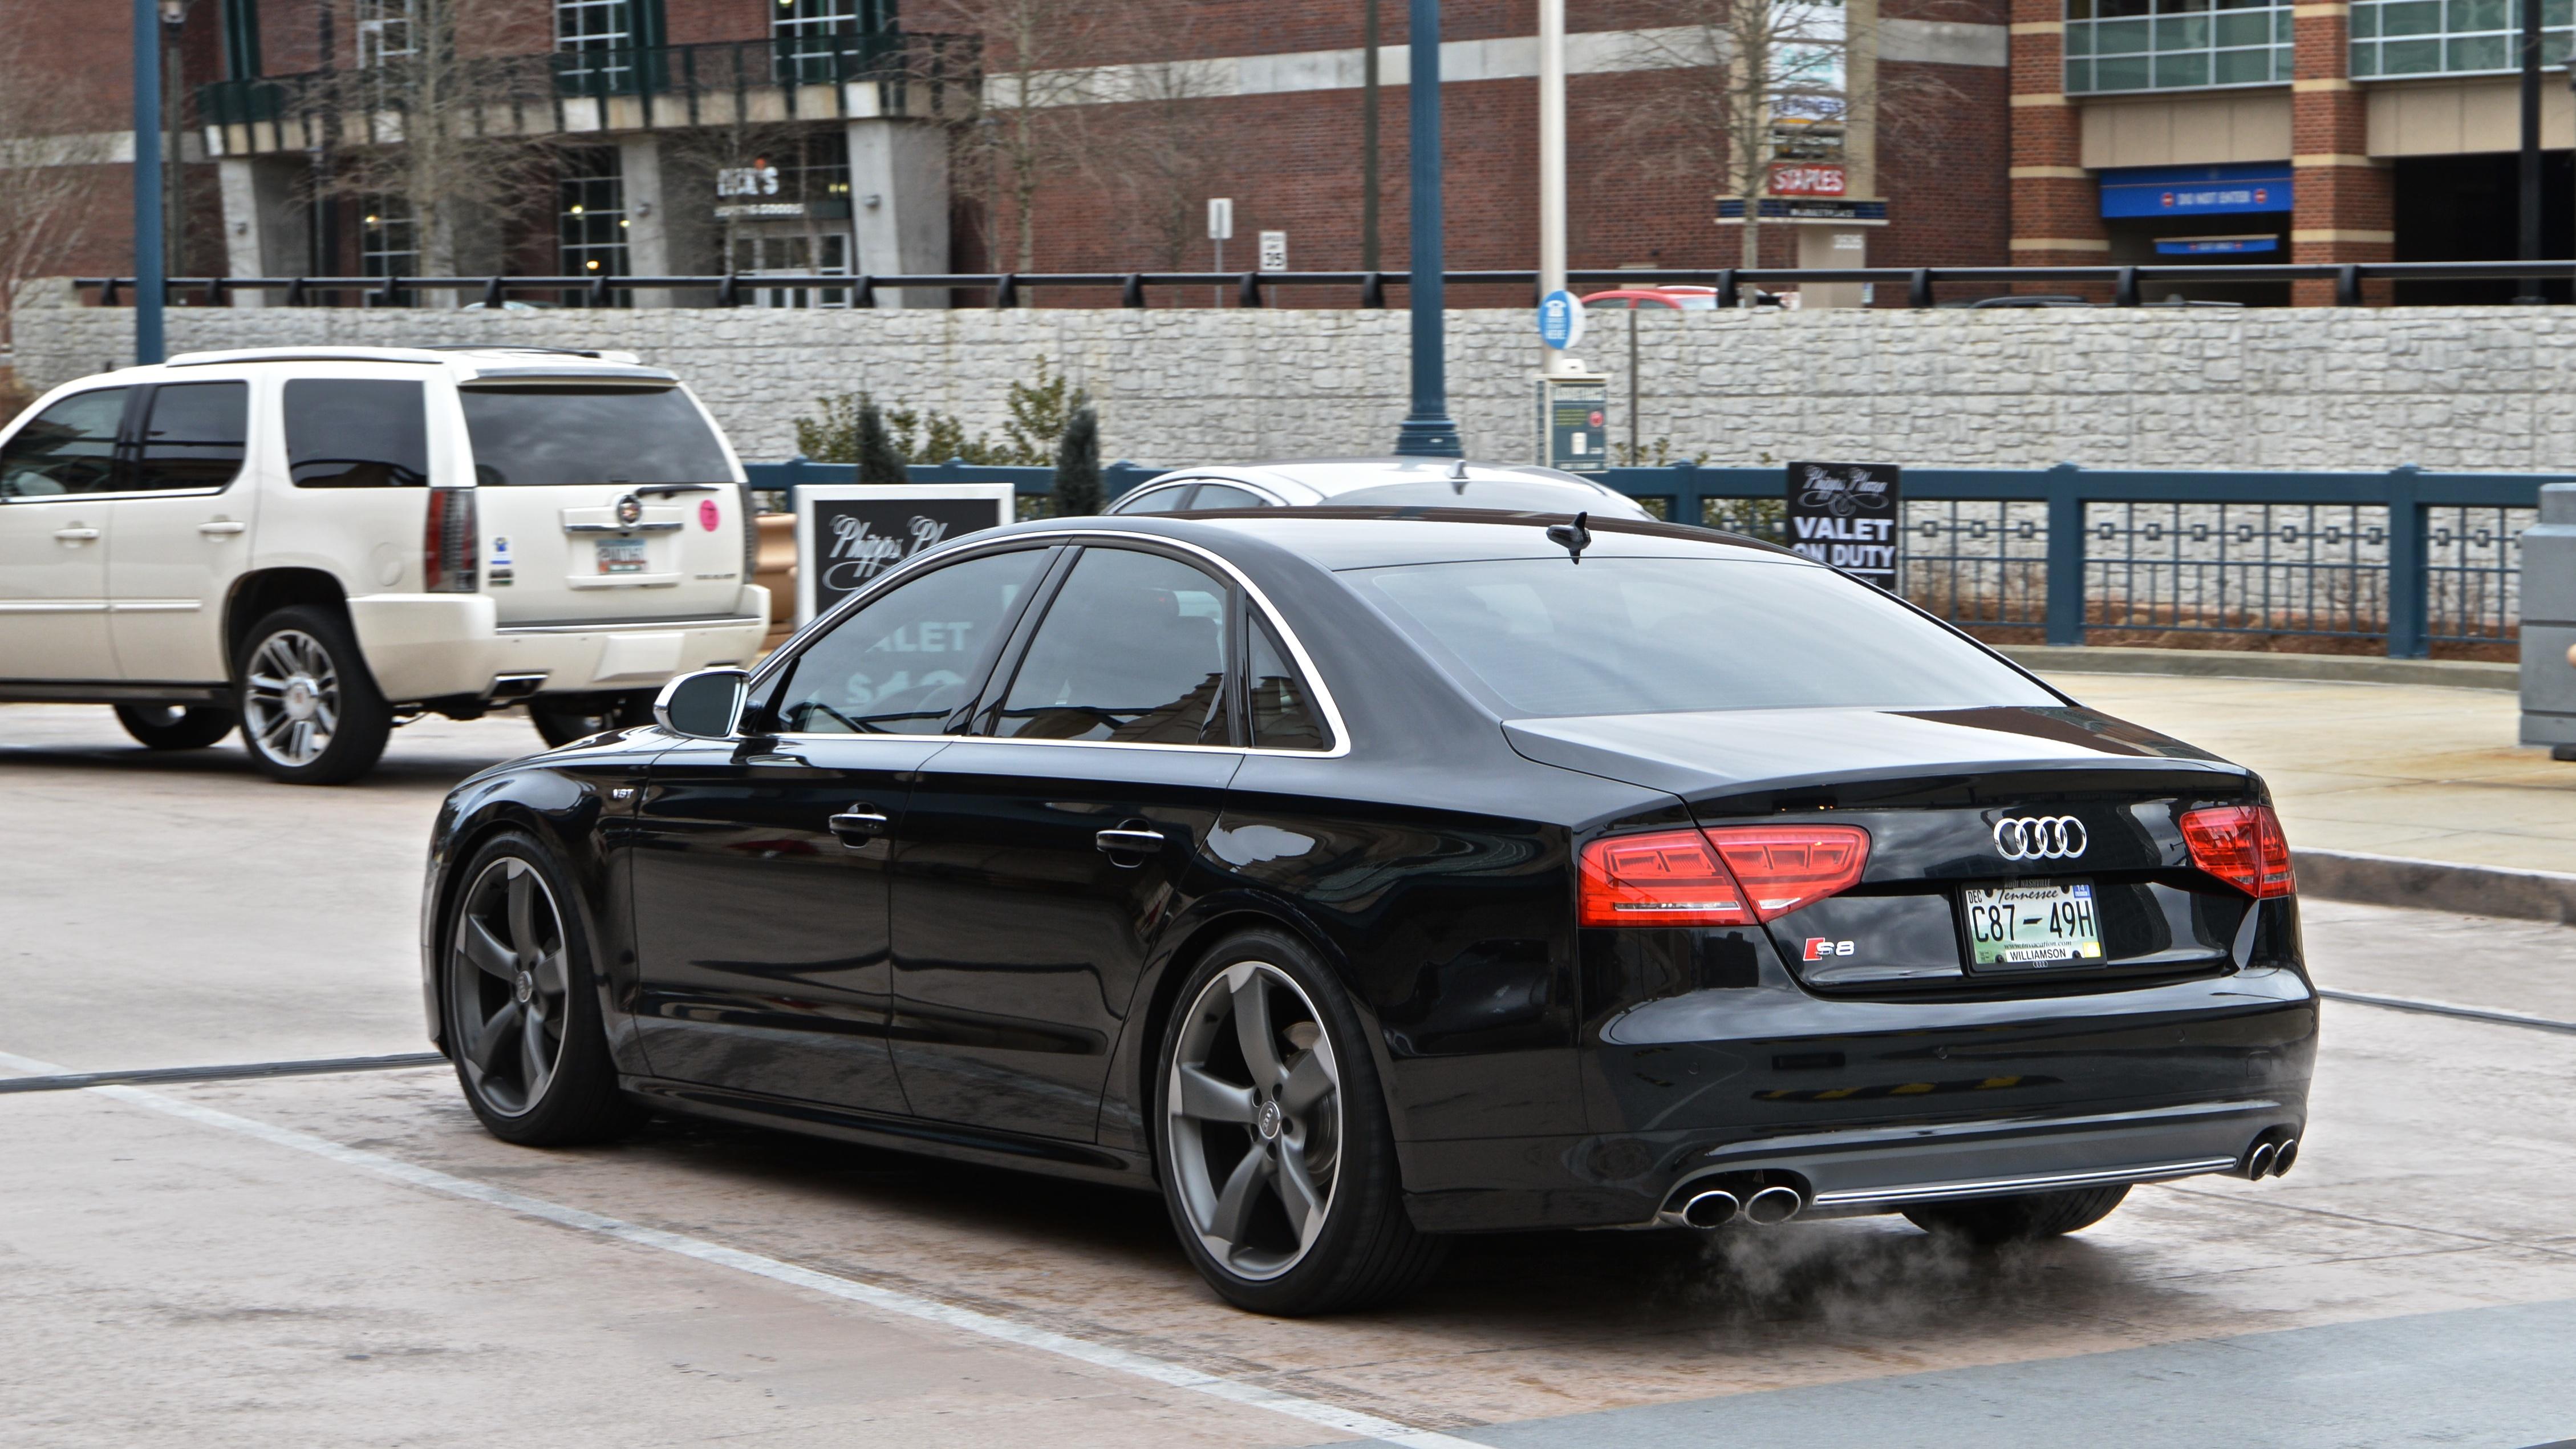 S8 car